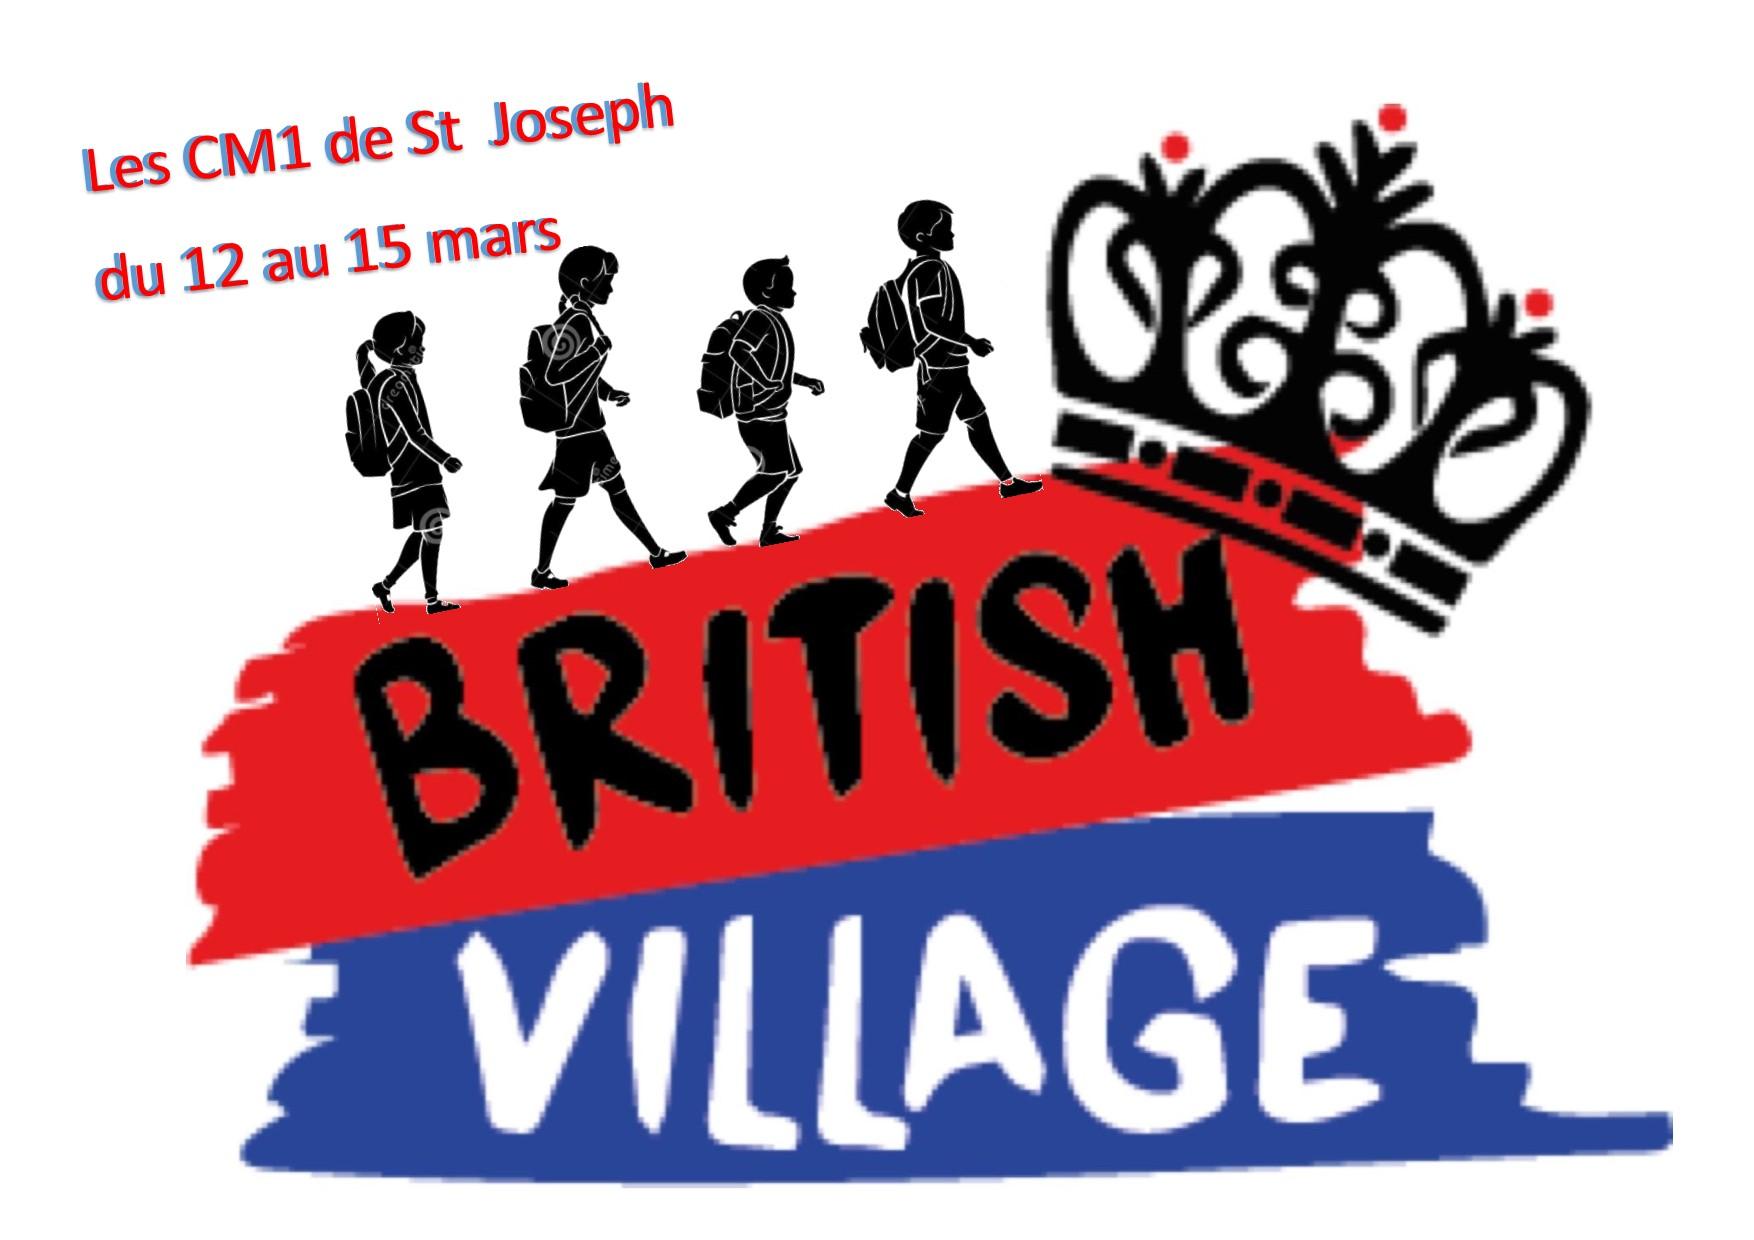 British village